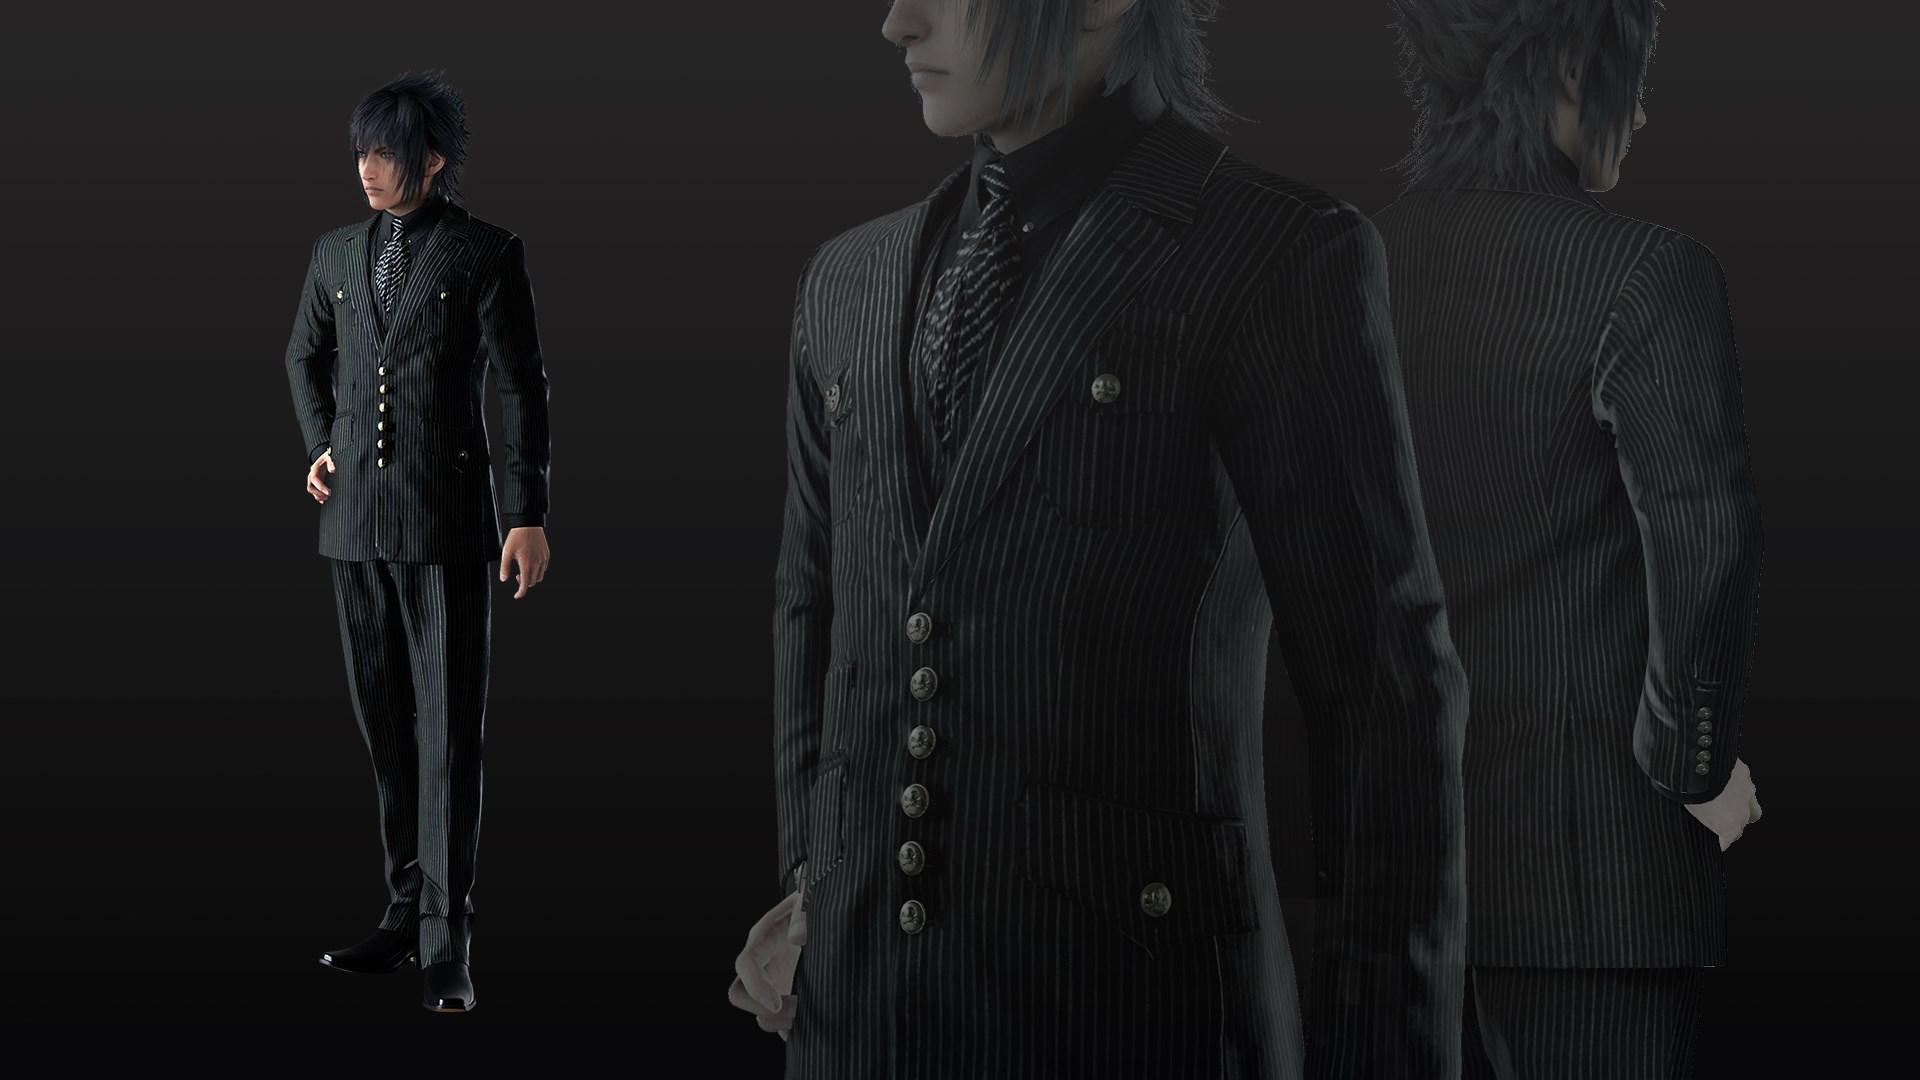 Asu: Kuninkaallinen puku